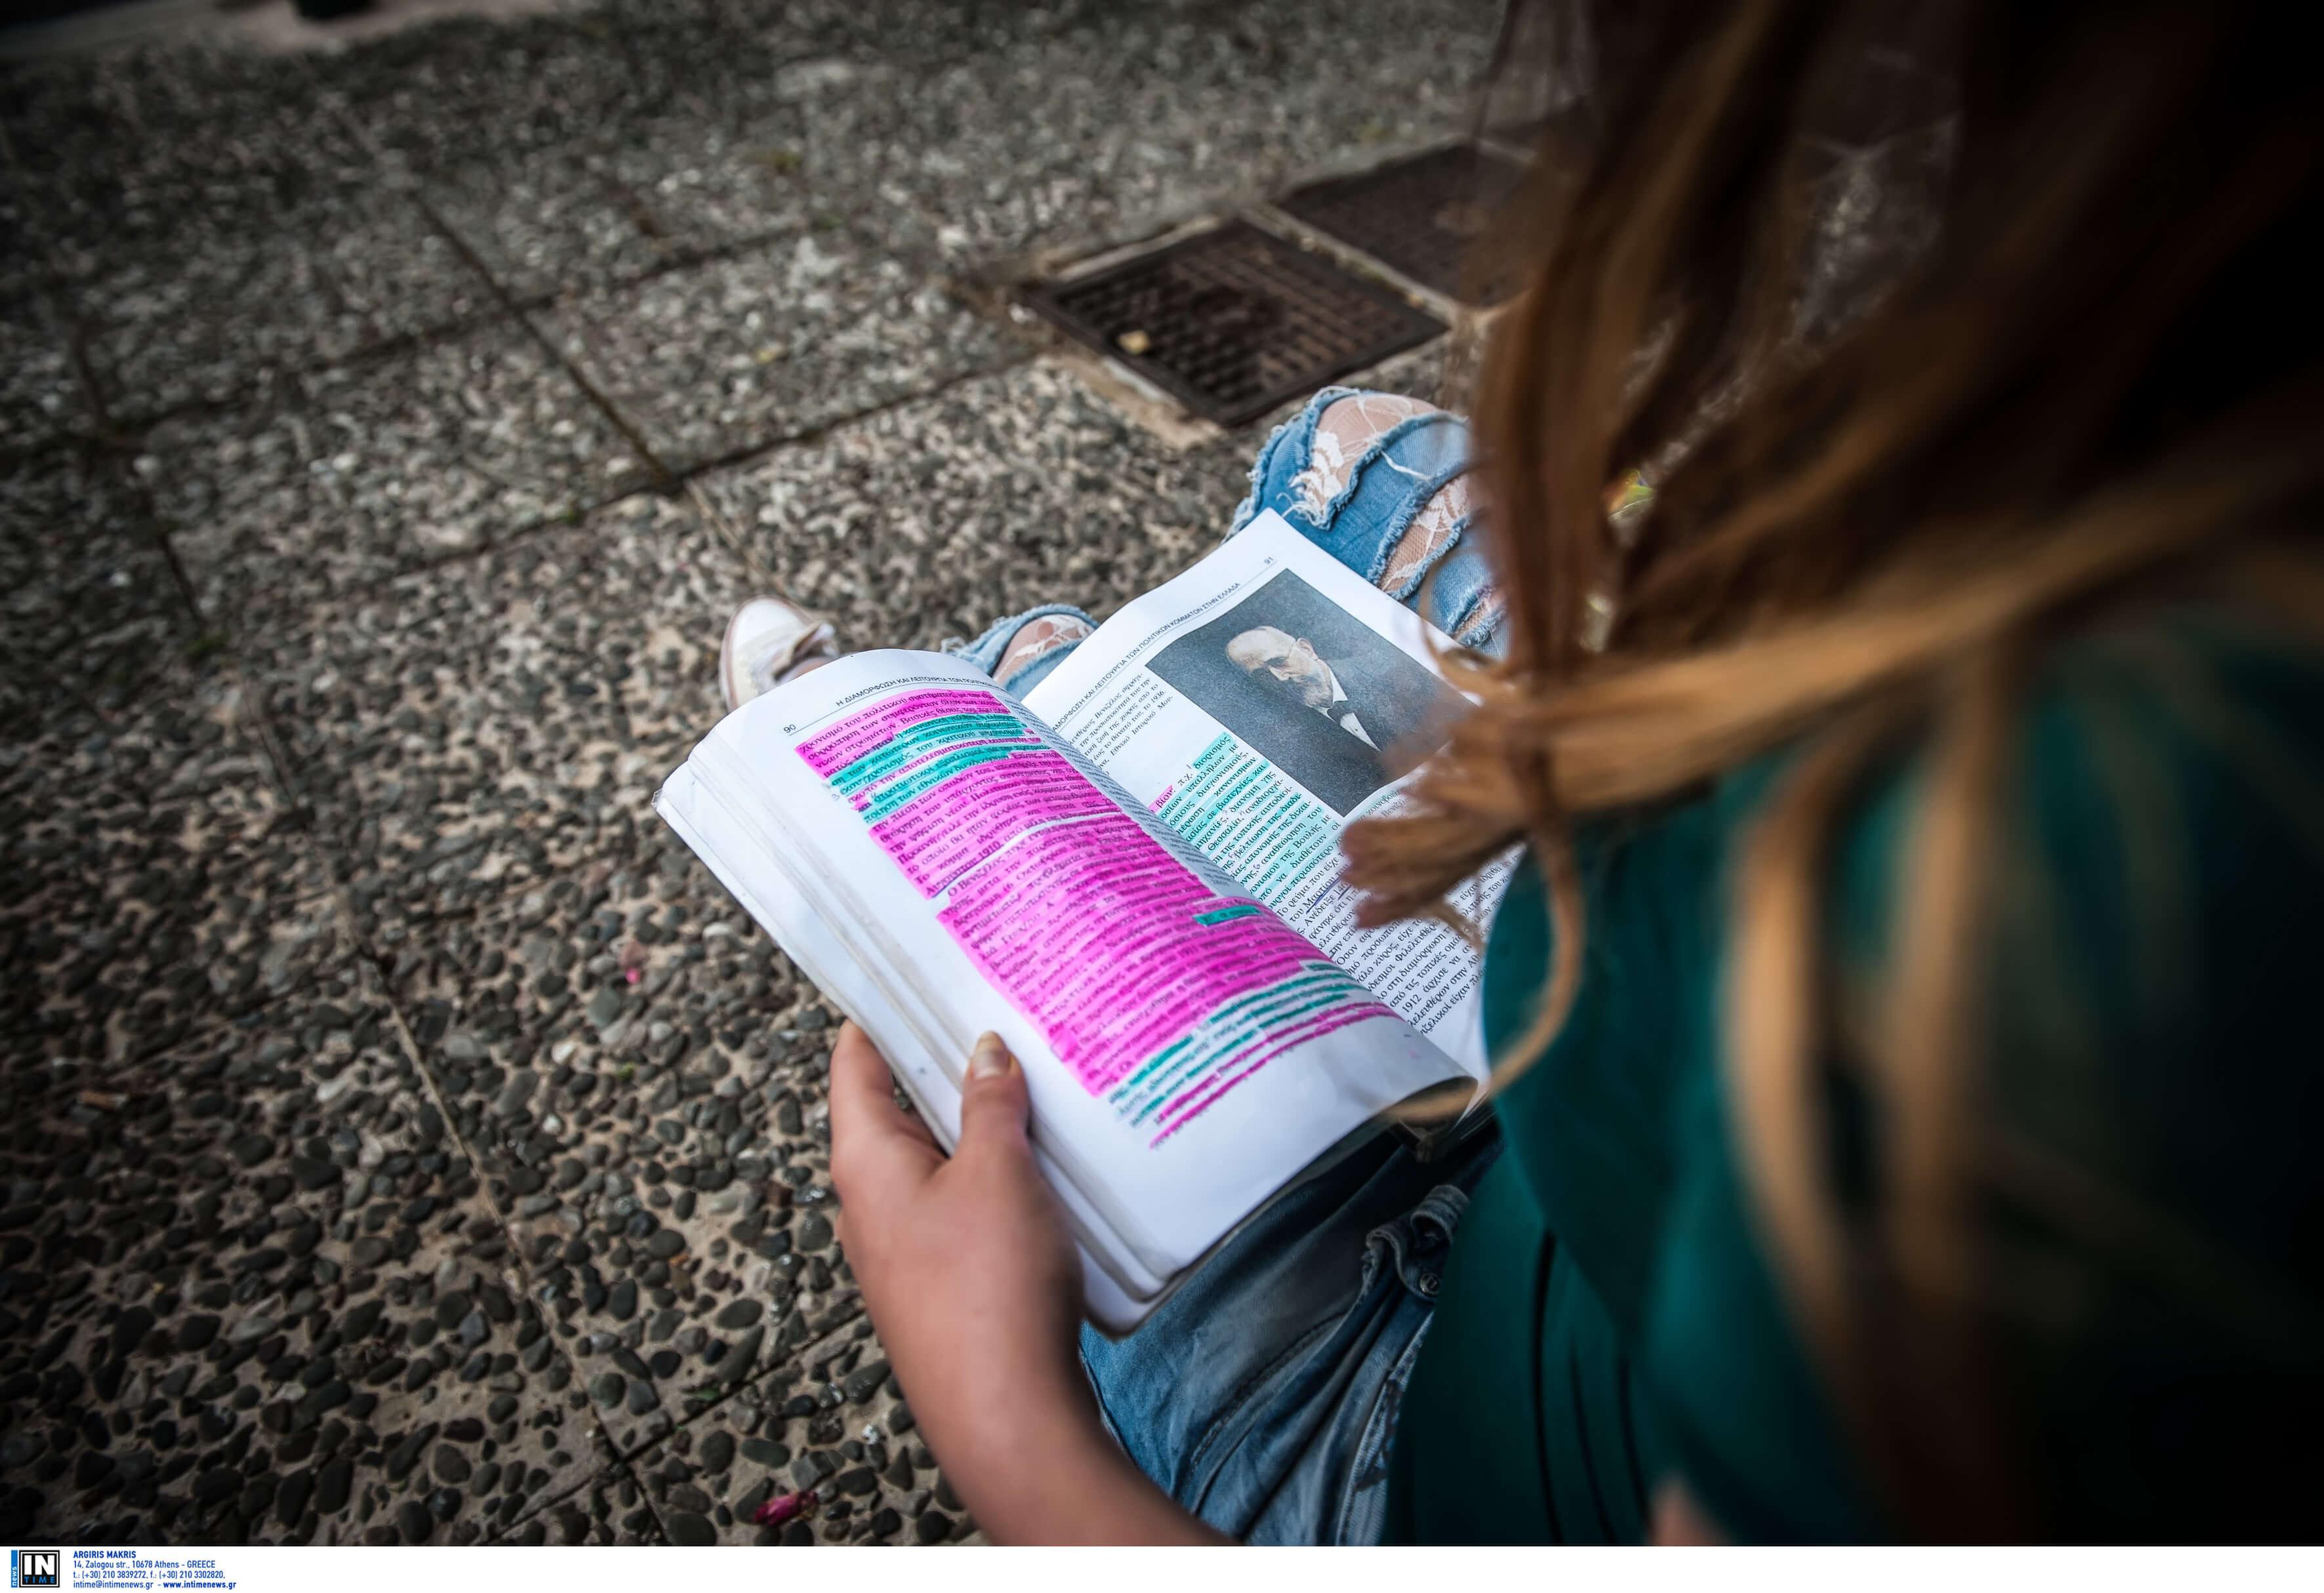 Λάρισα: «Θύελλα» μετά τη μήνυση μαθήτριας σε γνωστό ράπερ – Μια τυχαία περιπολία έφερε εξελίξεις